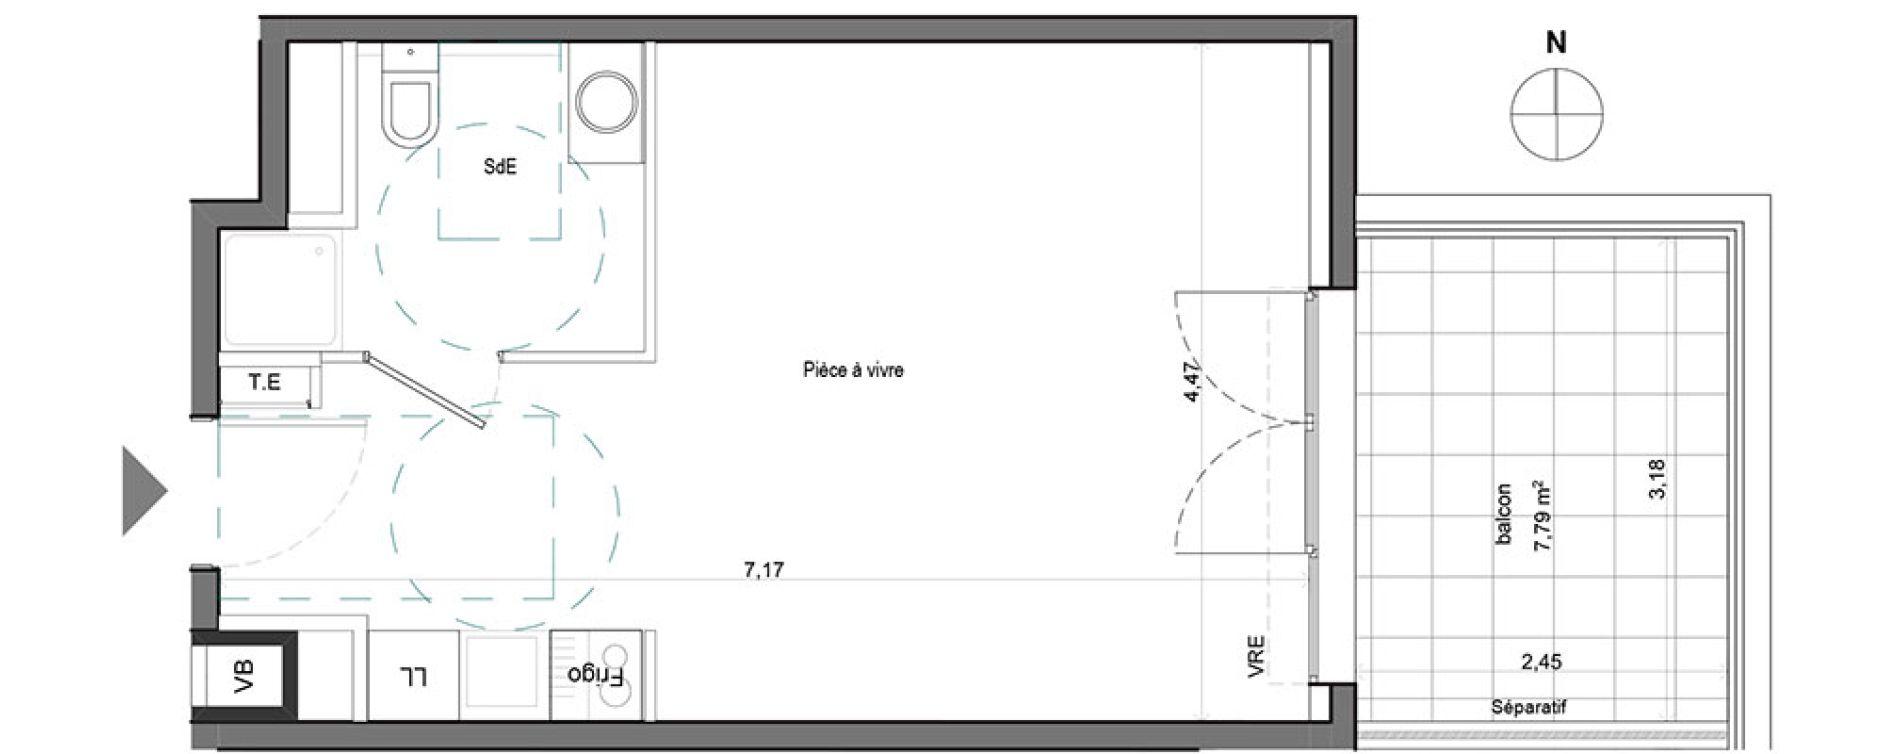 Appartement T1 de 29.70 m2 2ème étage E Boréal Aix-en